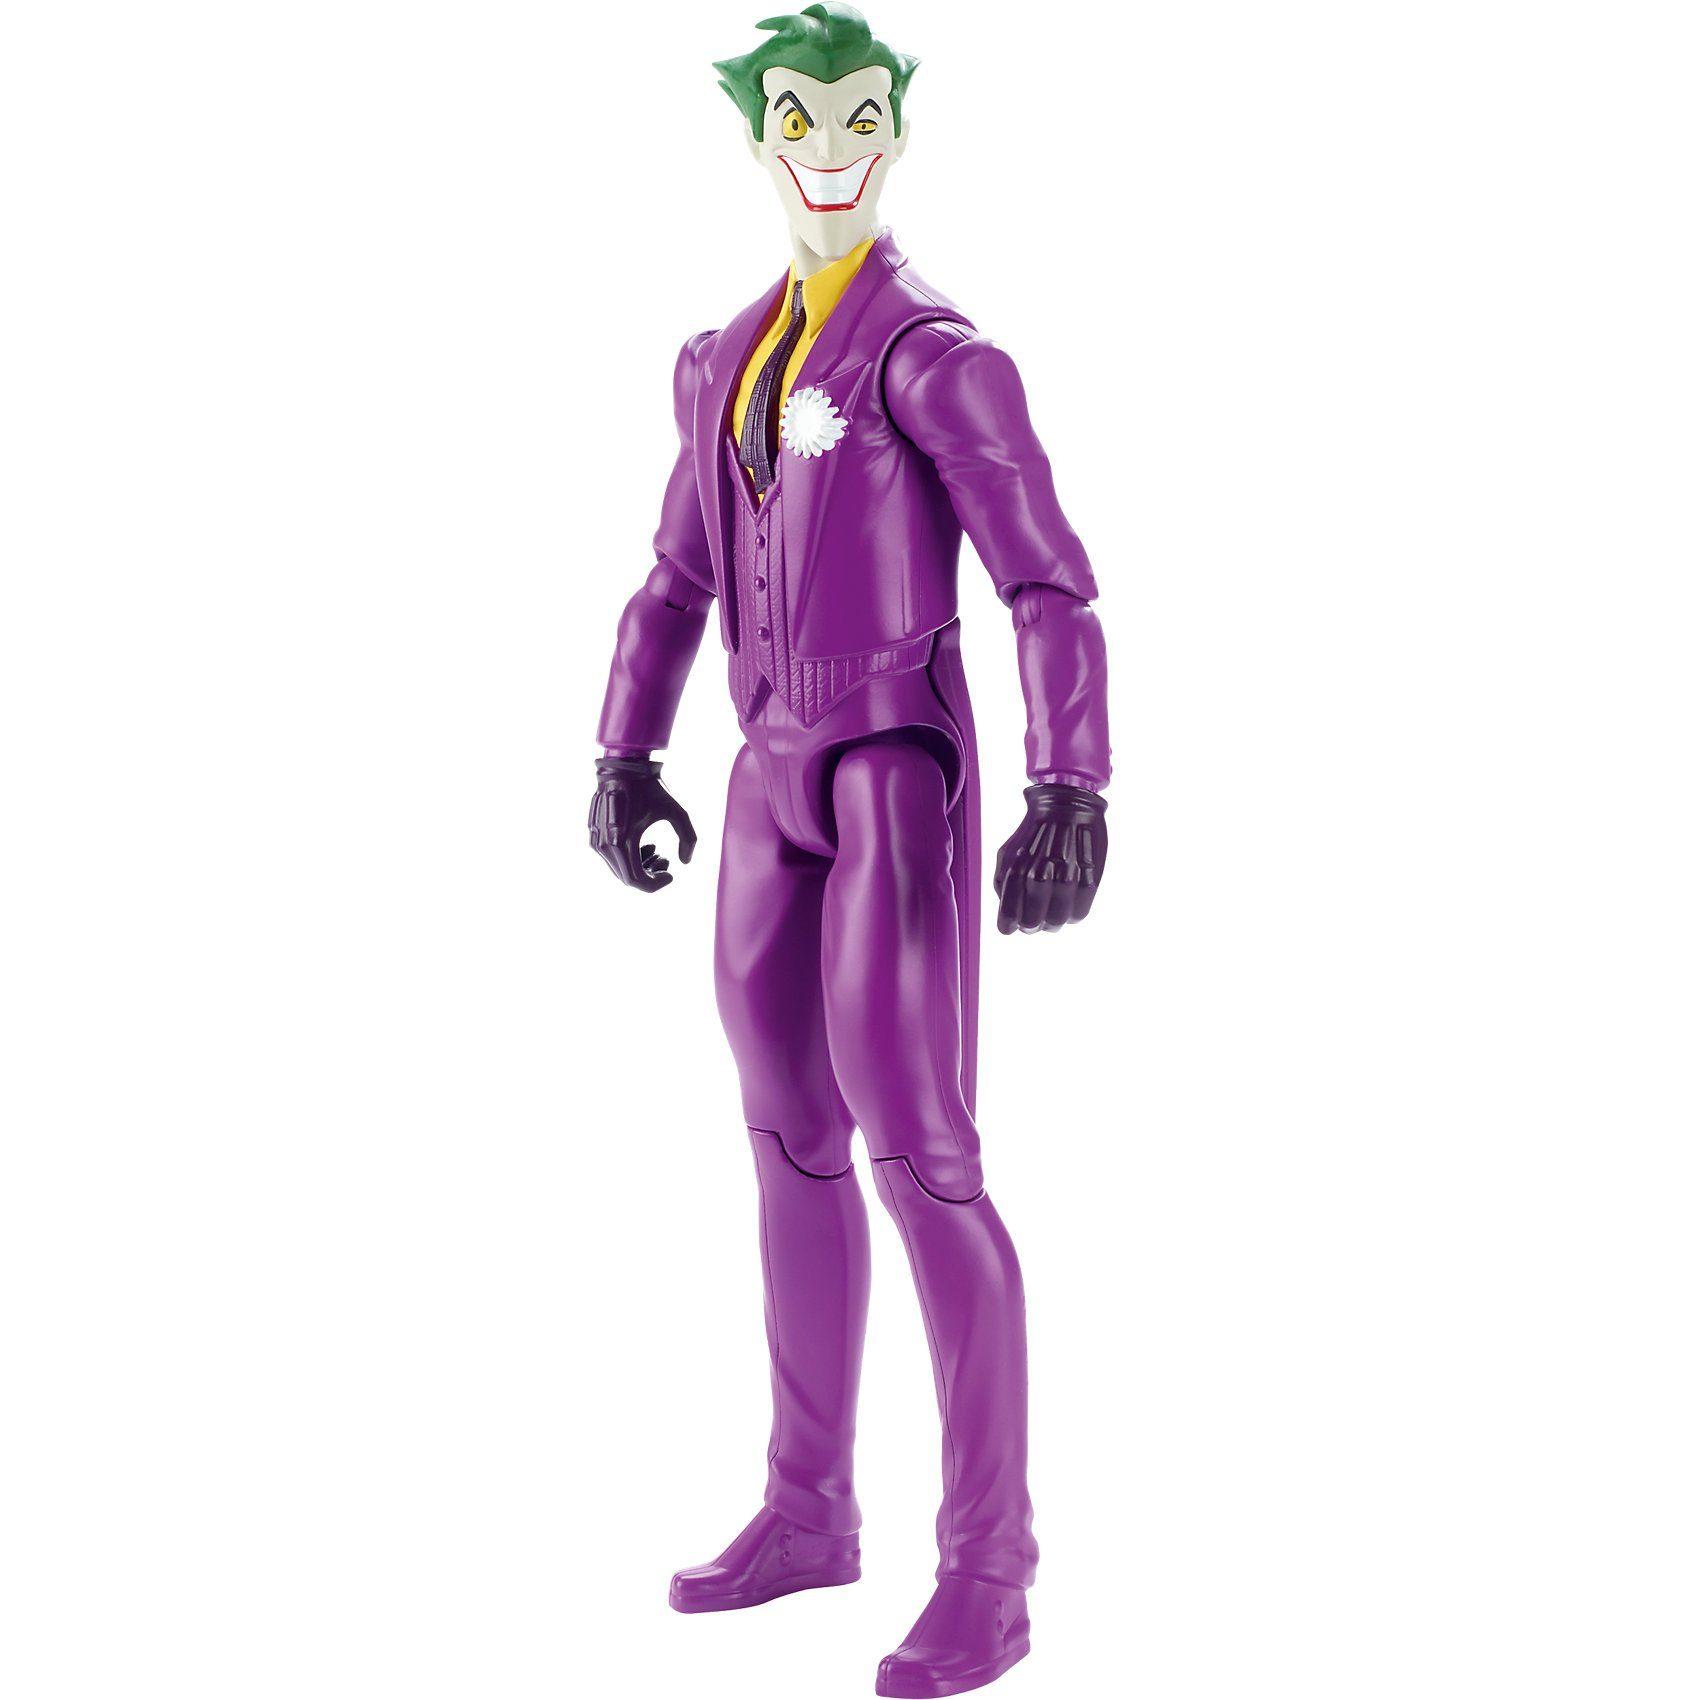 Mattel® DC Justice League Basis-Figur The Joker (30 cm)